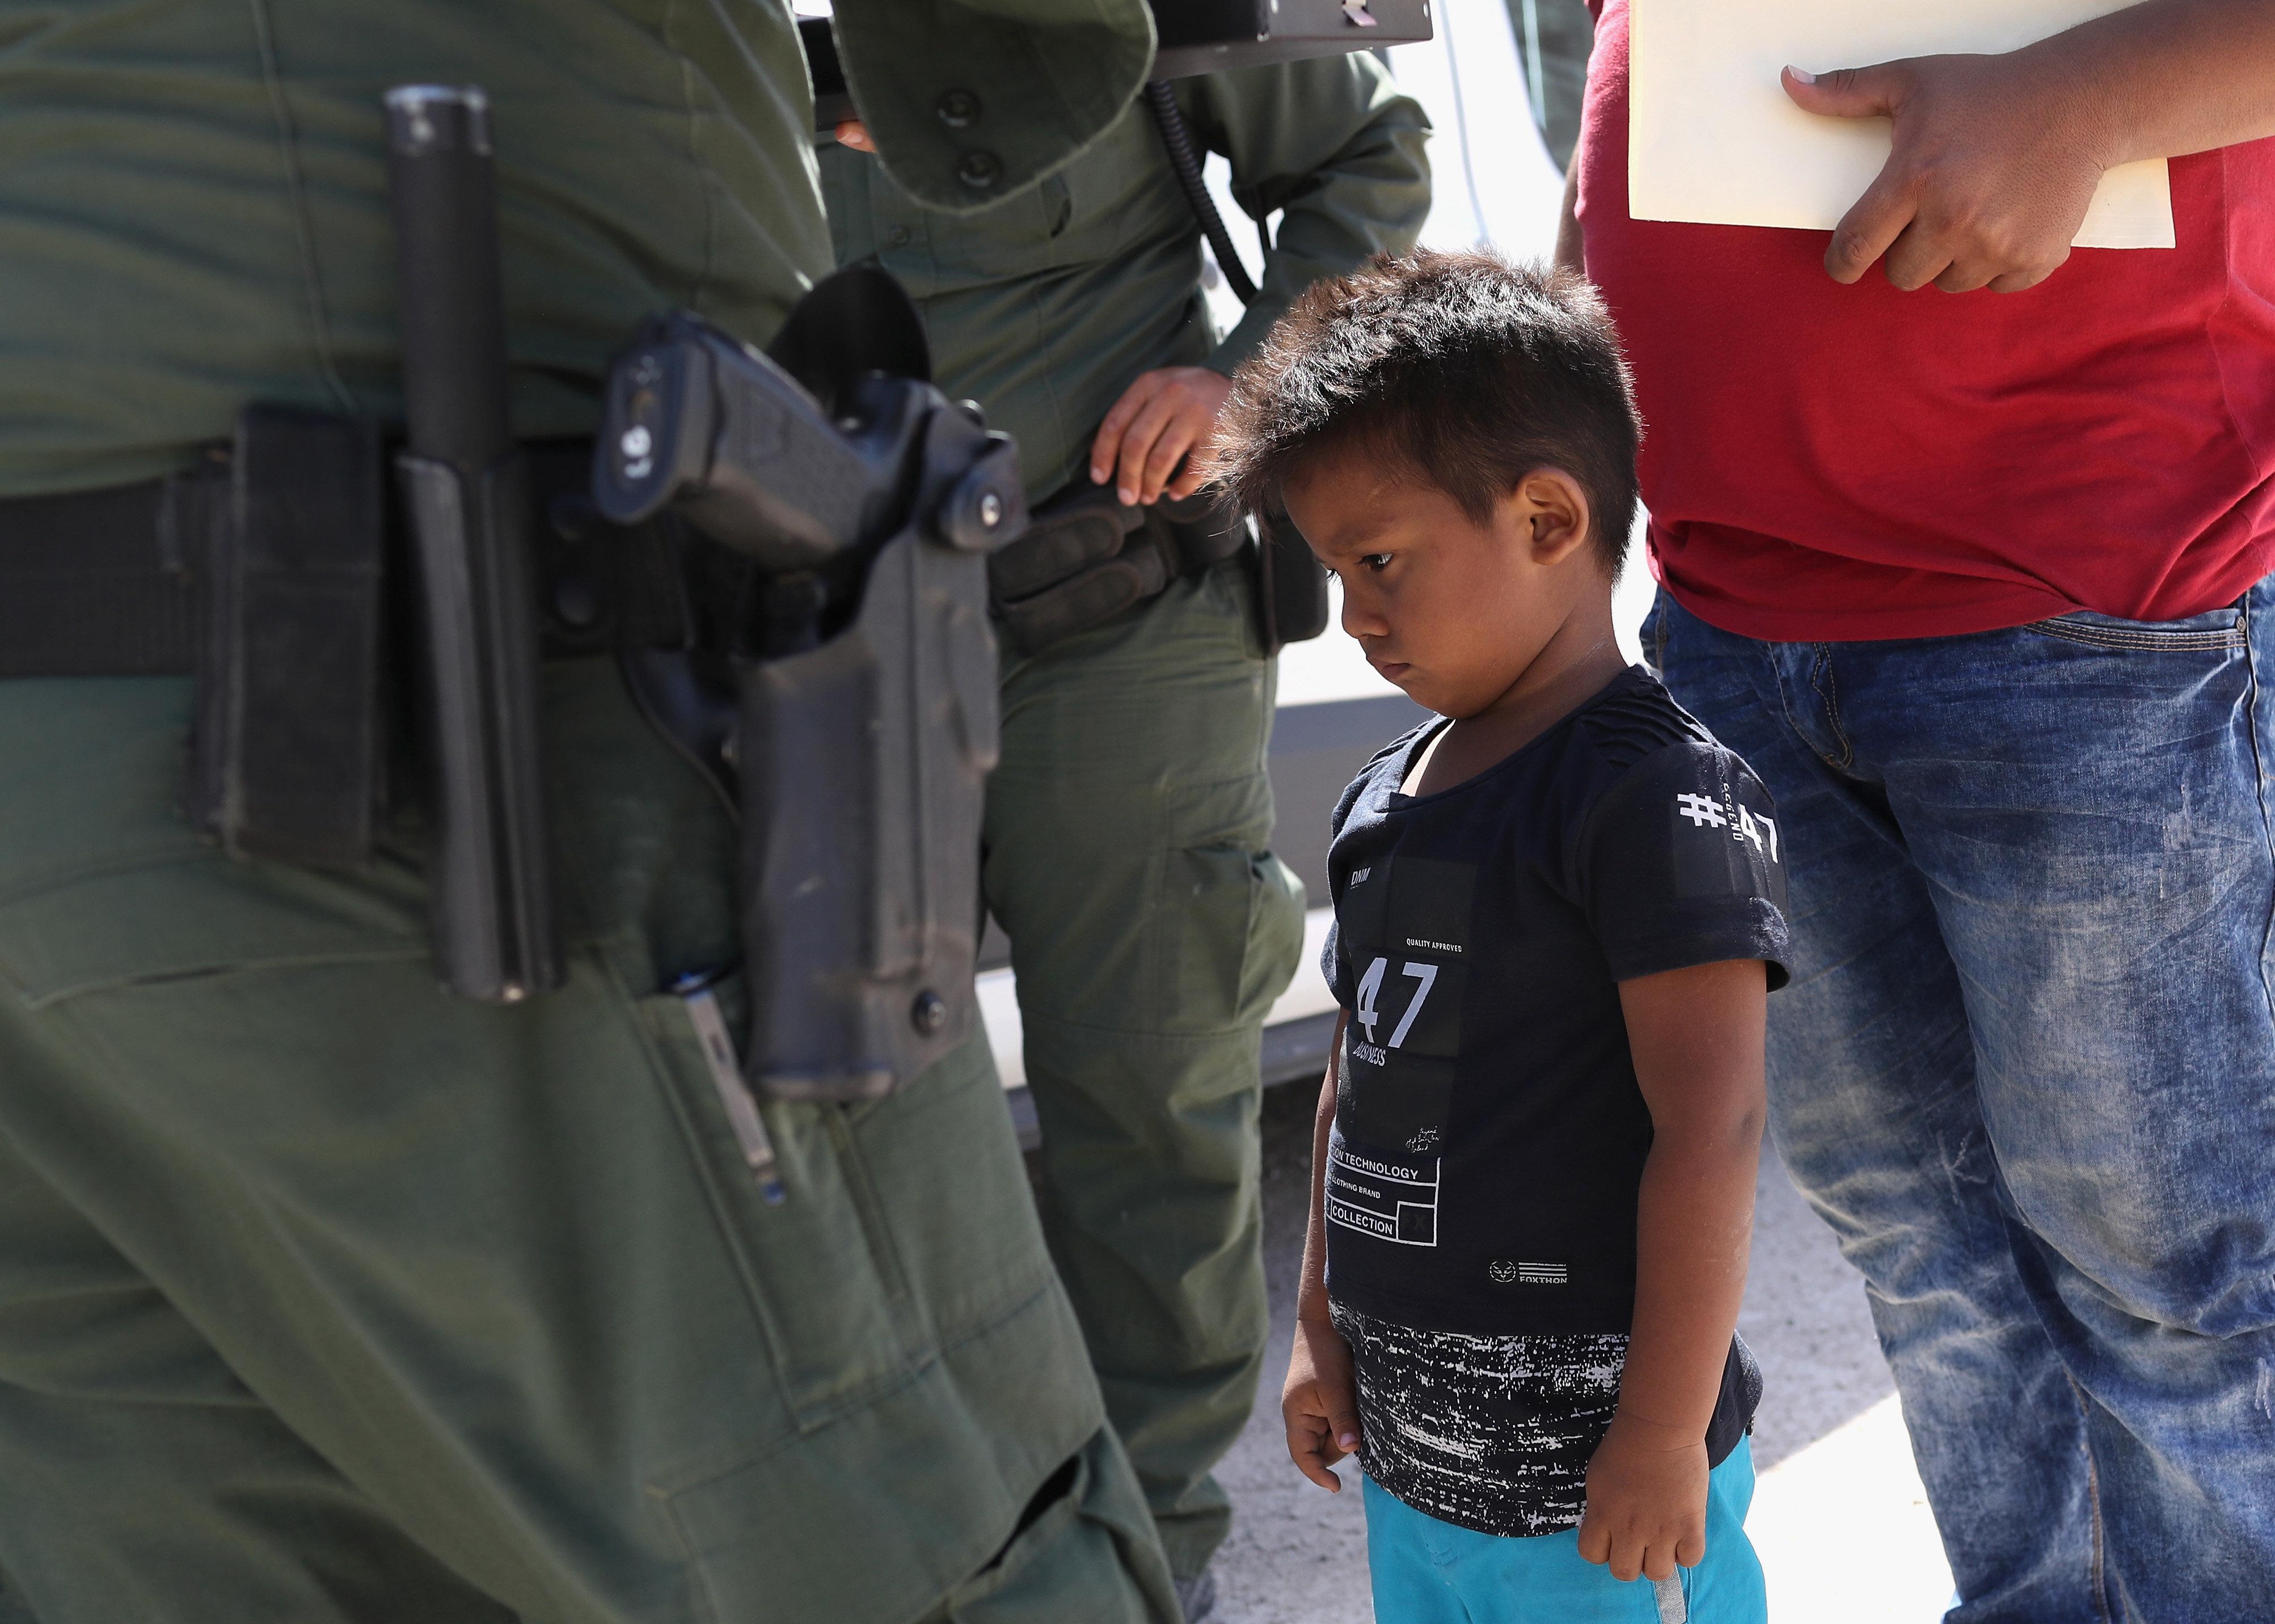 Processo para reunir crianças detidas com seus pais imigrantes é 'caos total' nos